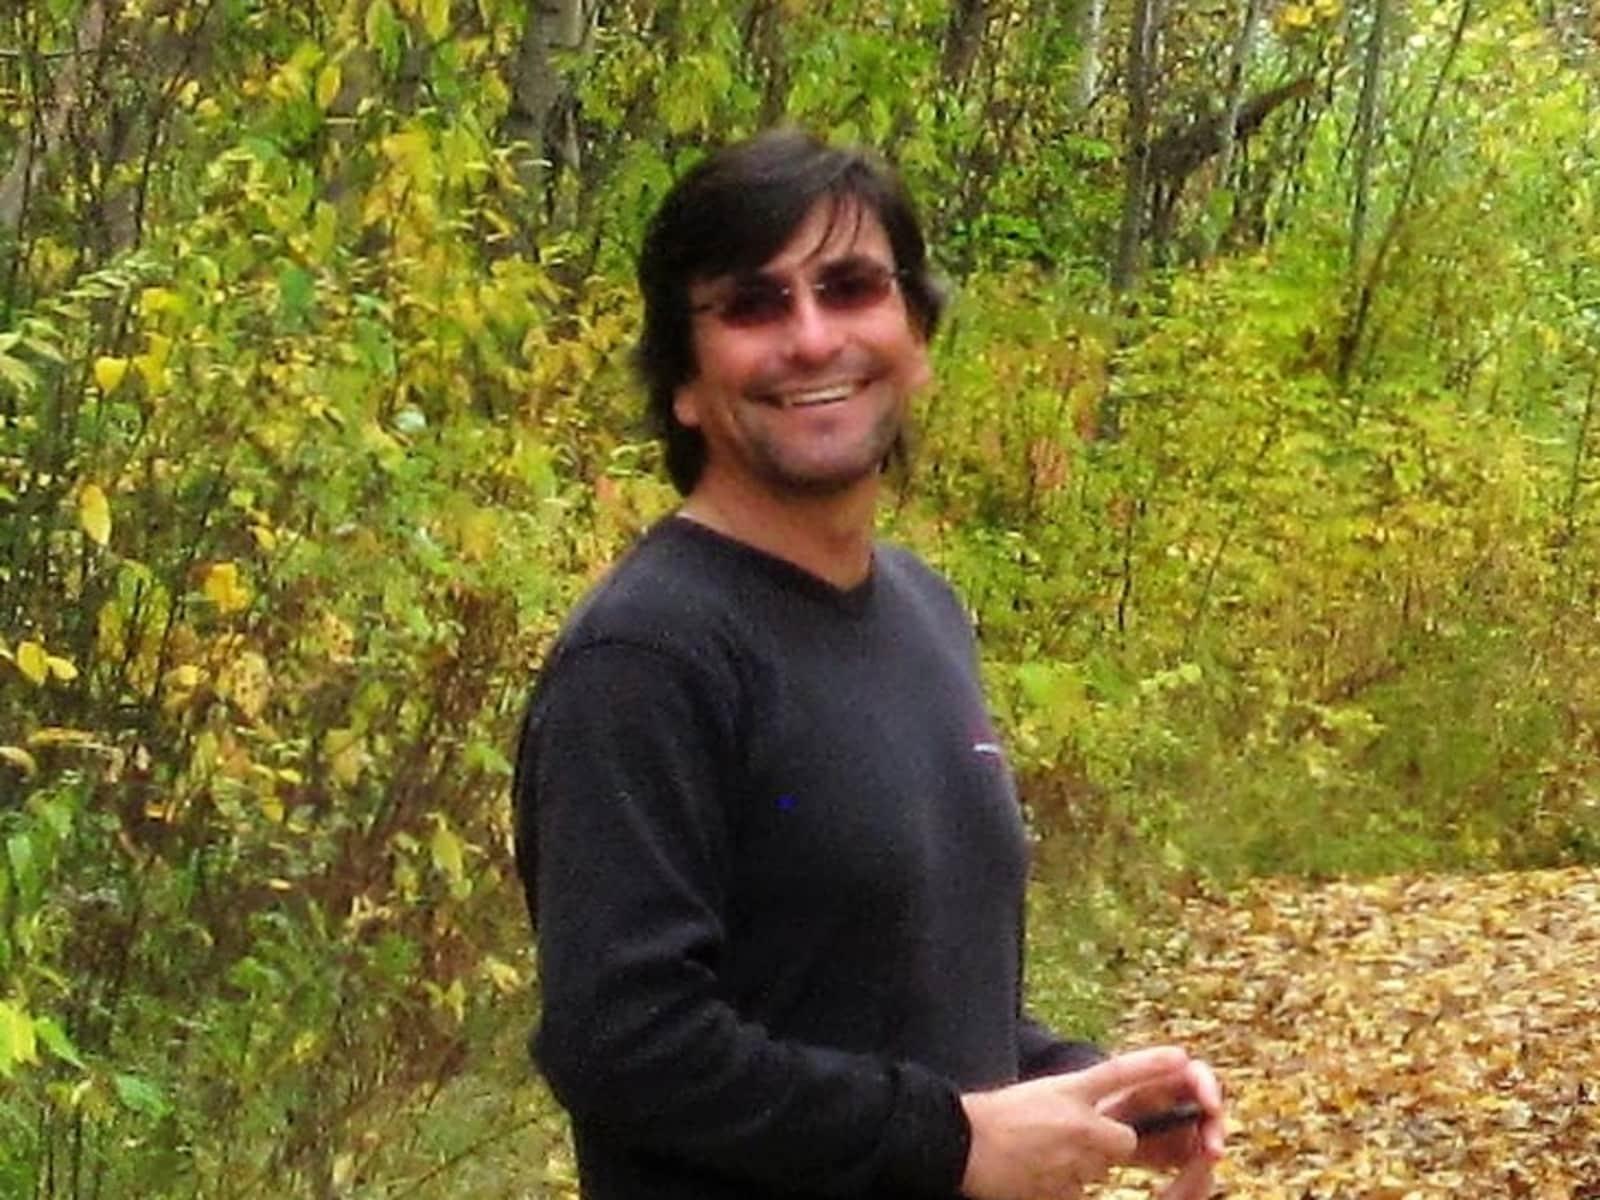 Javier from Dawson Creek, British Columbia, Canada